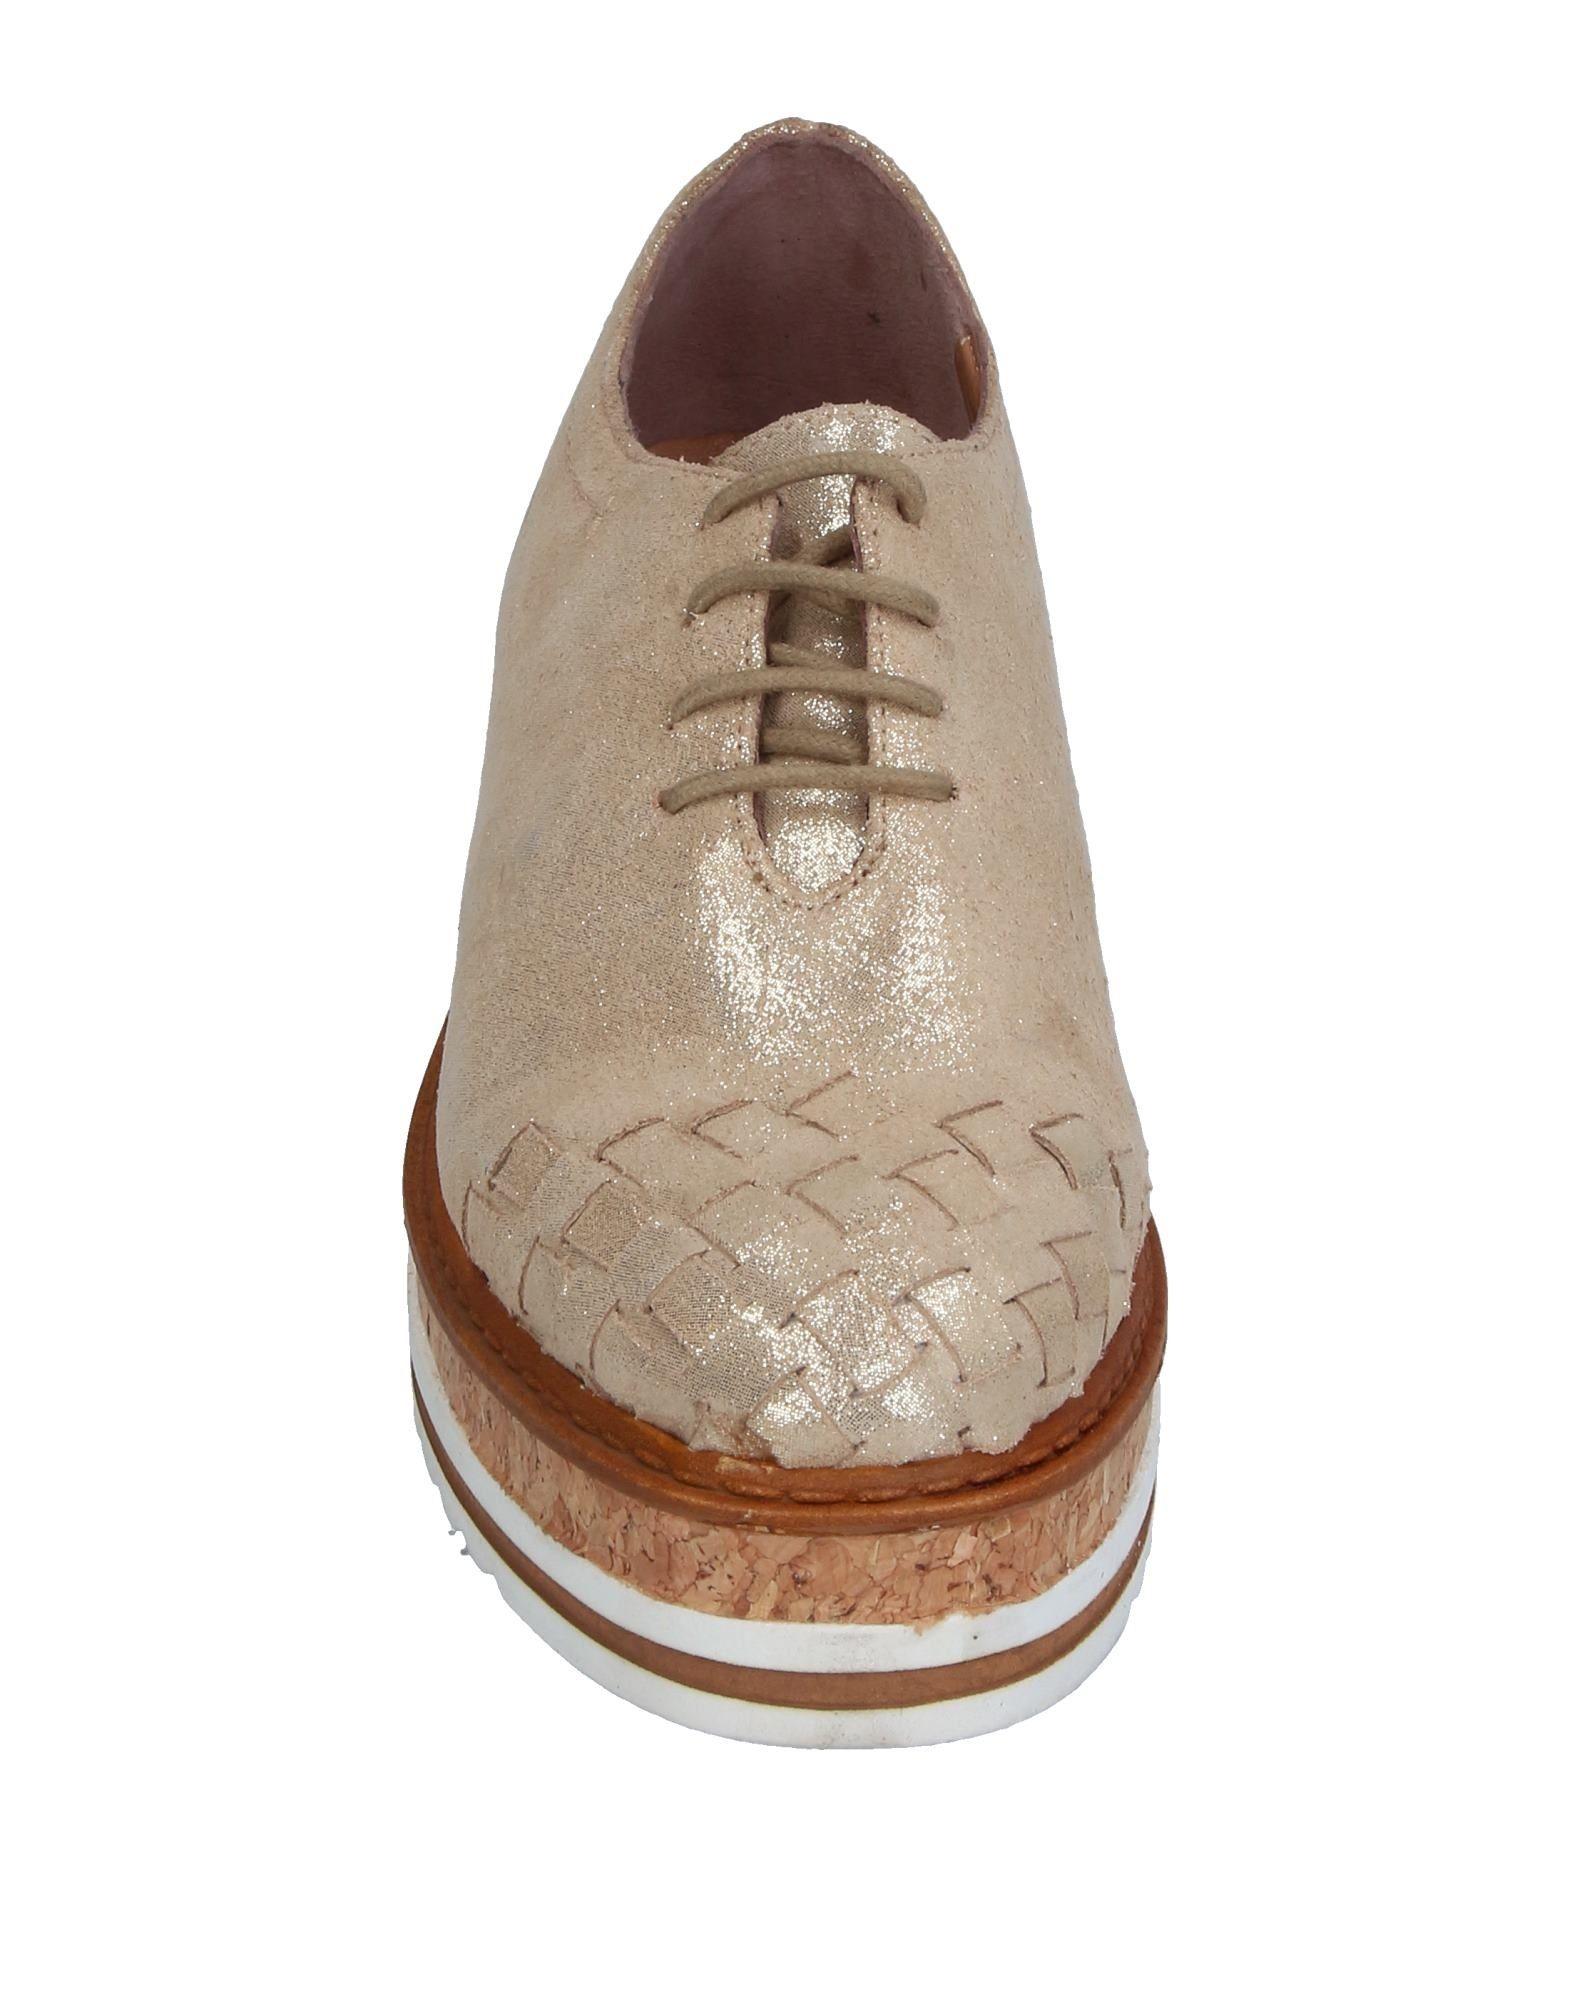 Chaussures - Chaussures À Lacets E ... Vee jG1Zi0